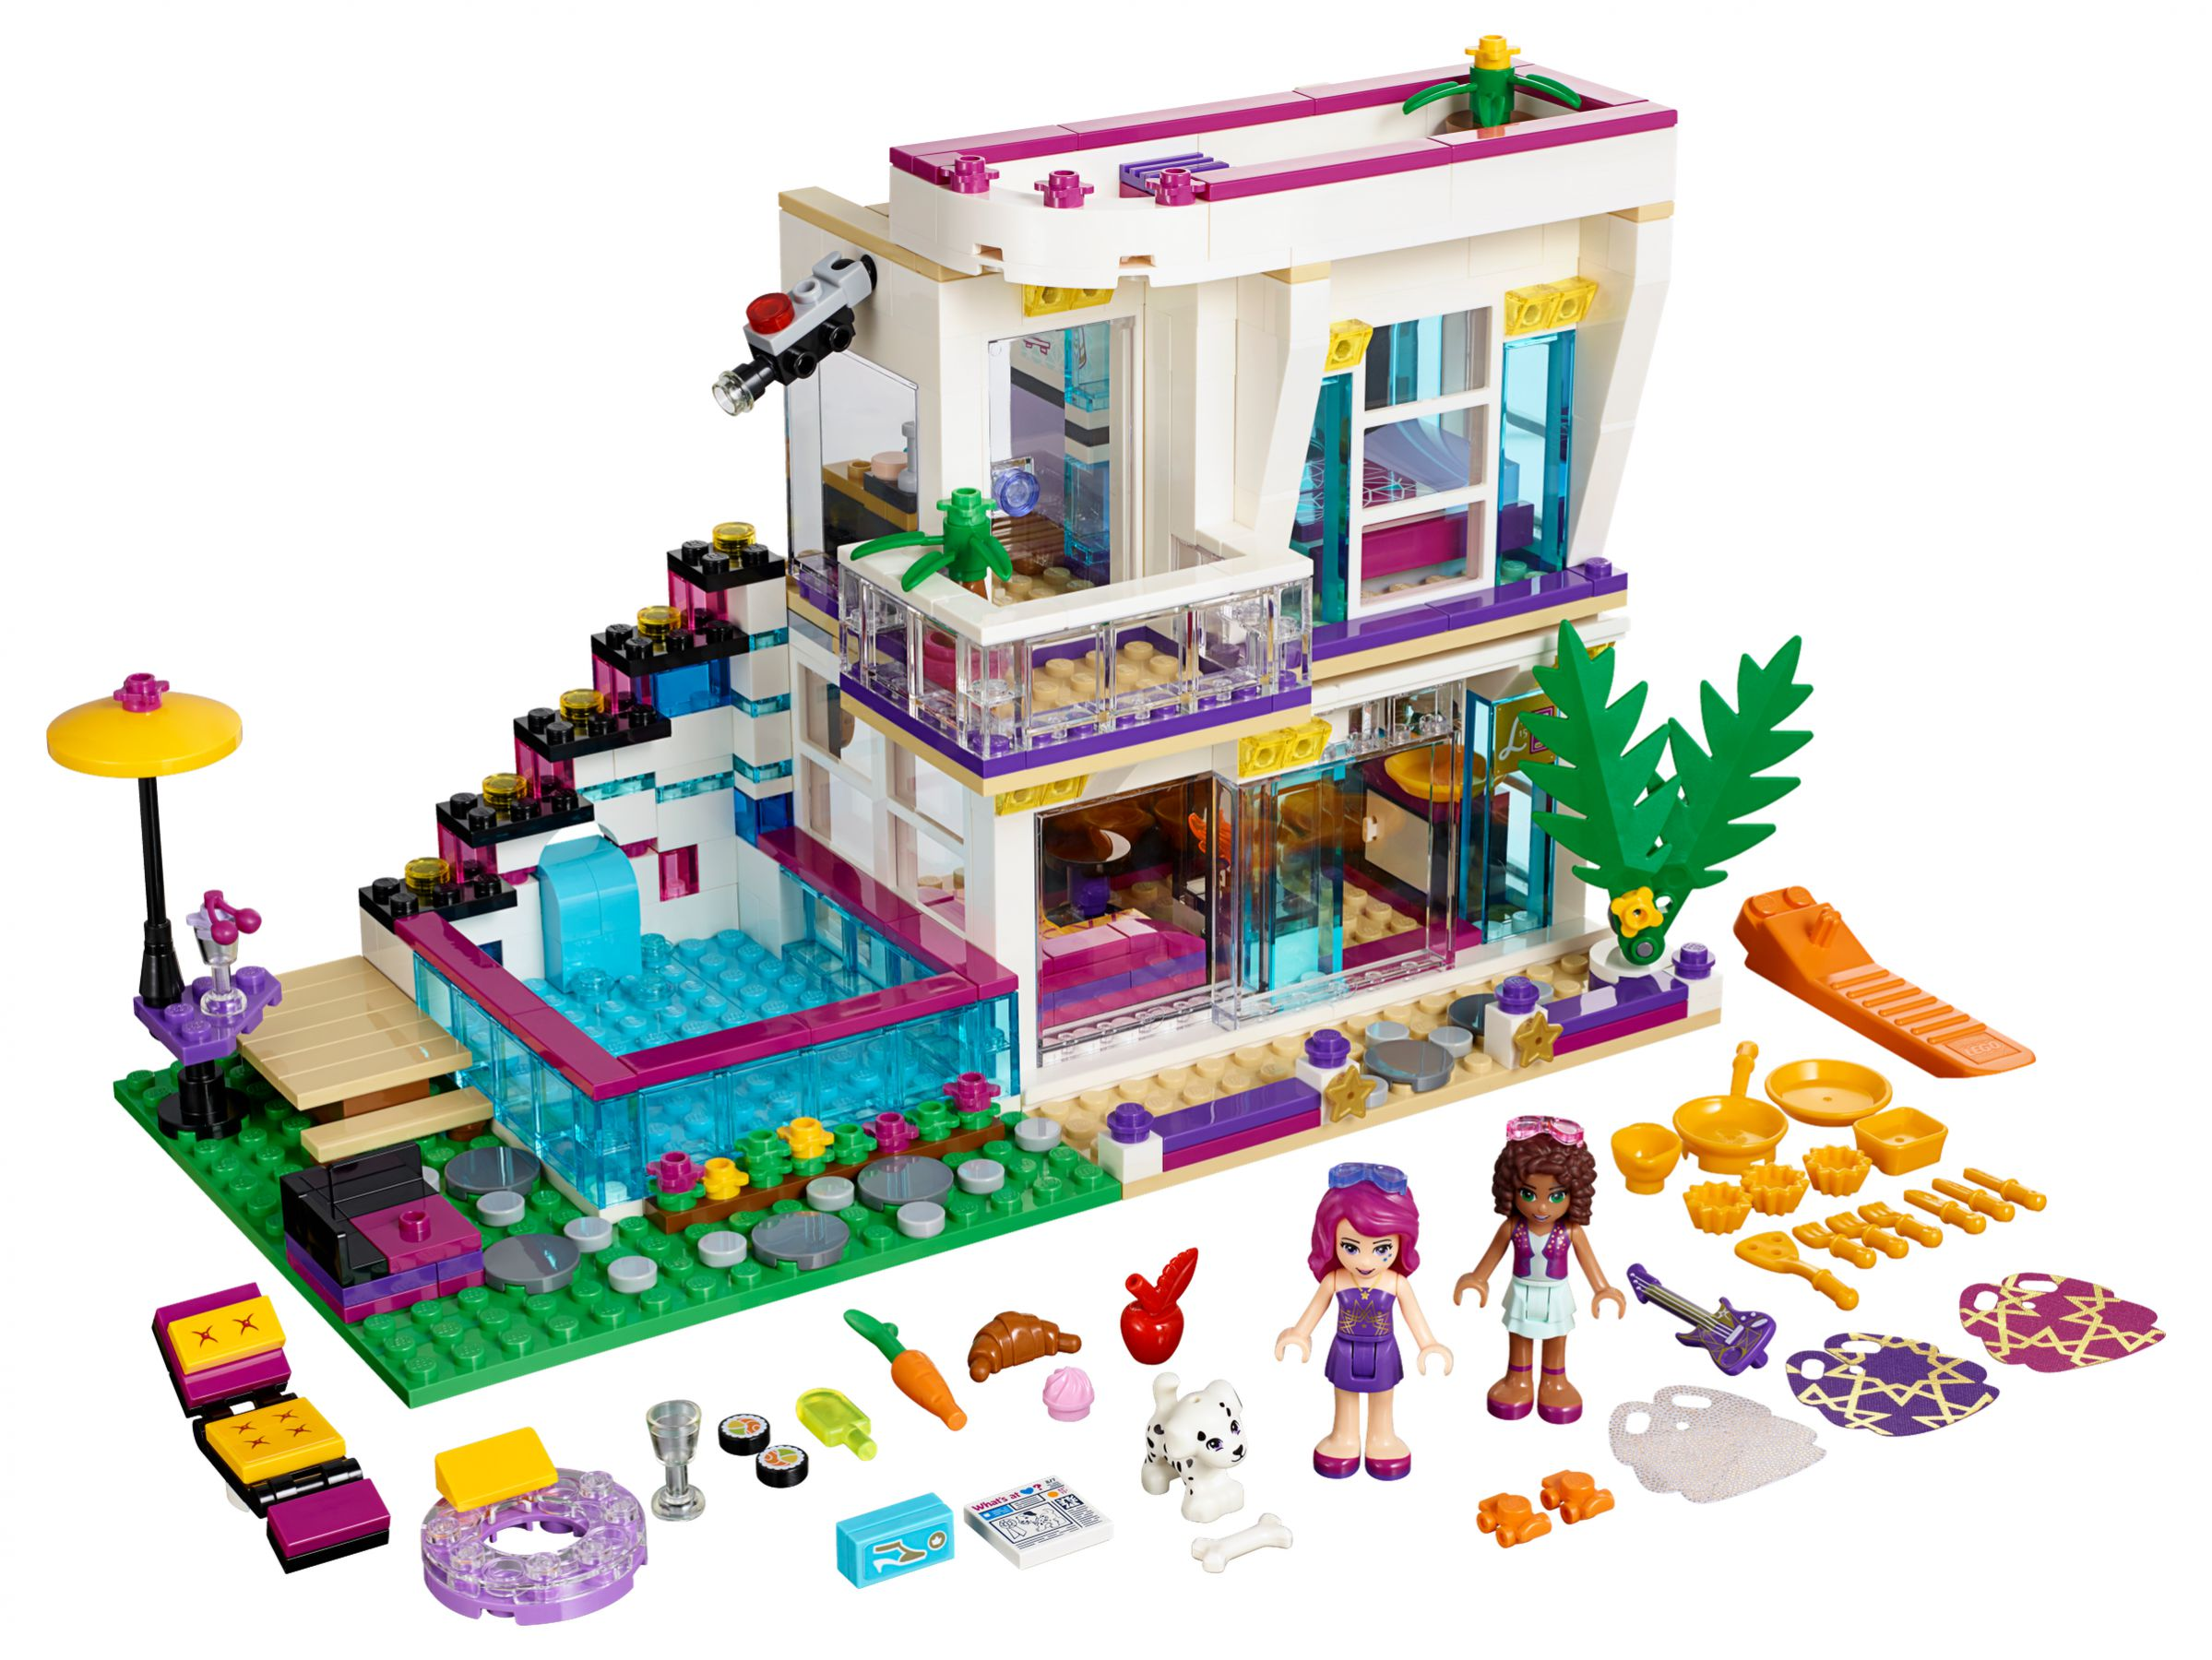 LEGO 41135 Friends Livis Popstar-Villa im brickmerge